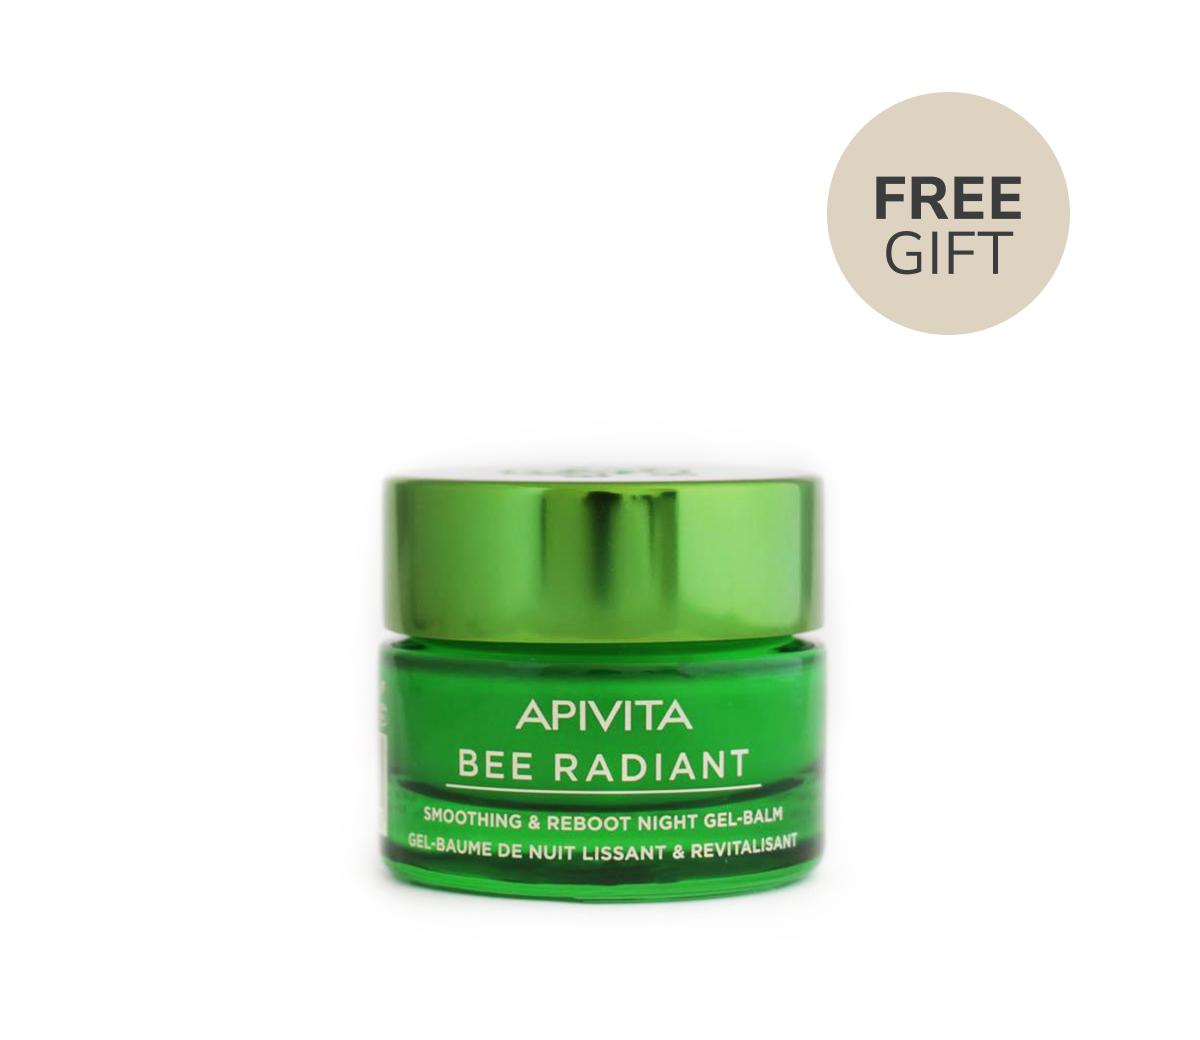 Apivita Bee Radiant